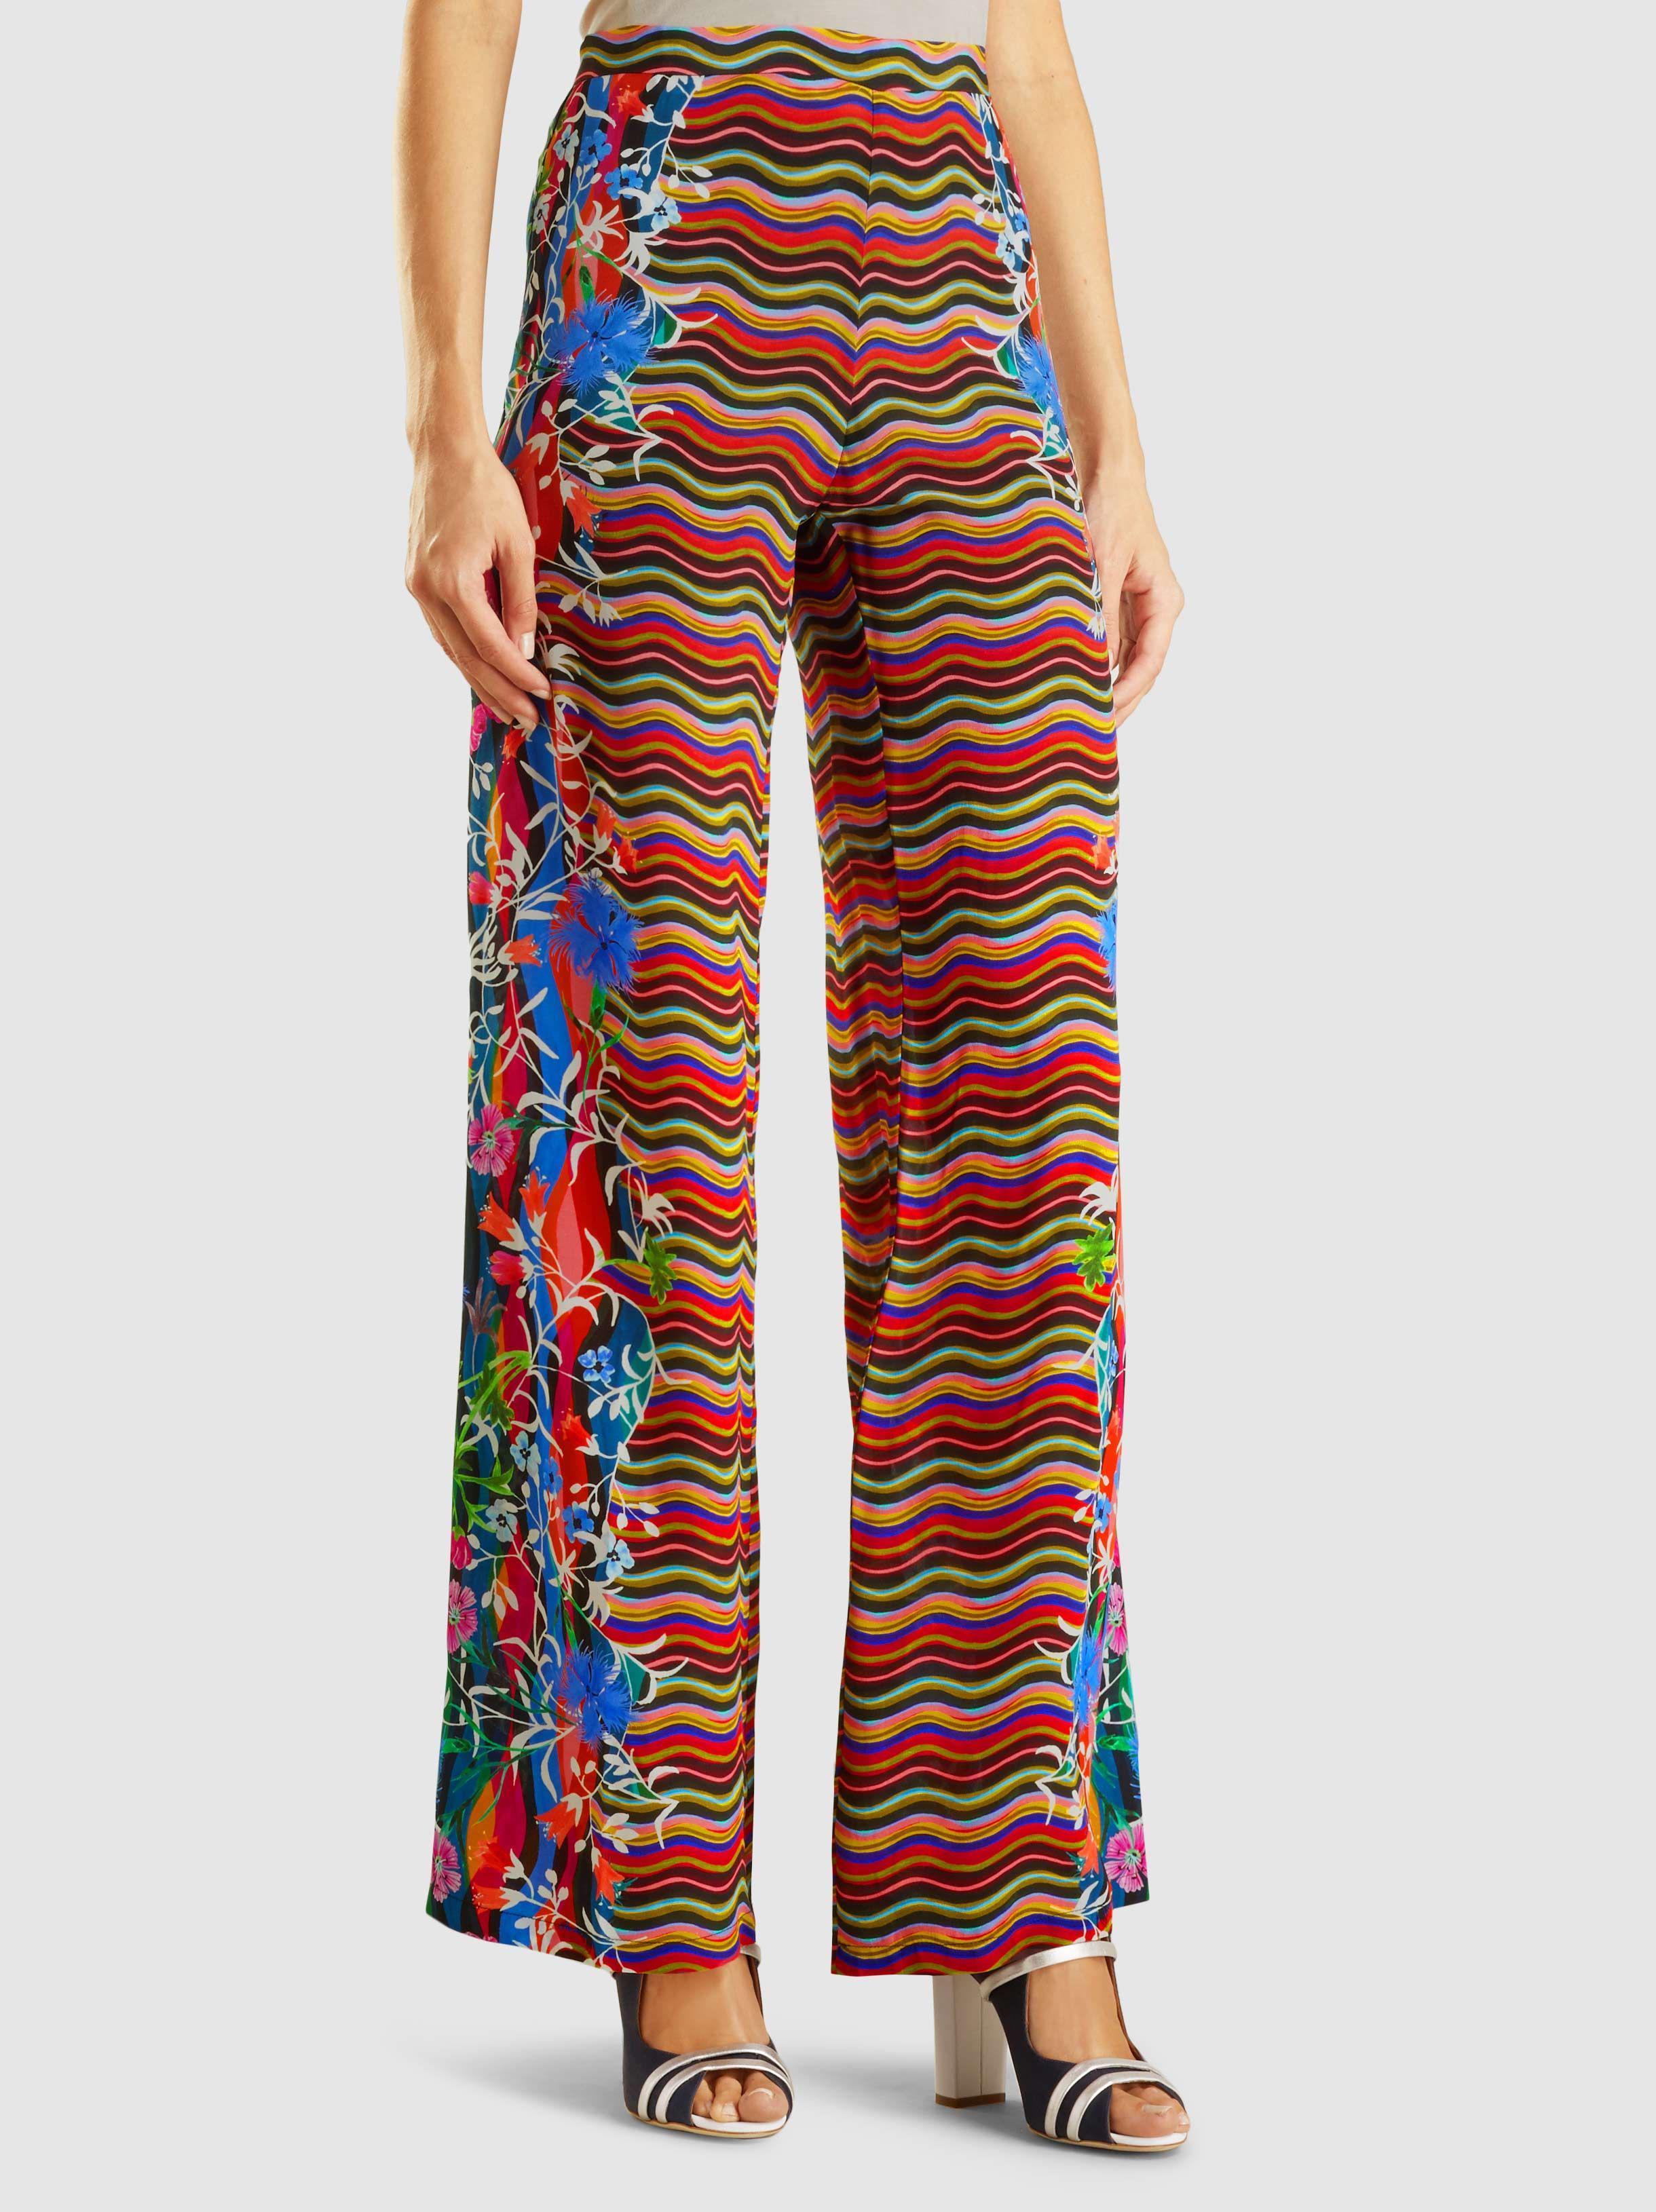 Soie Pantalon À Jambes Larges Imprimé Saloni CF4y8E